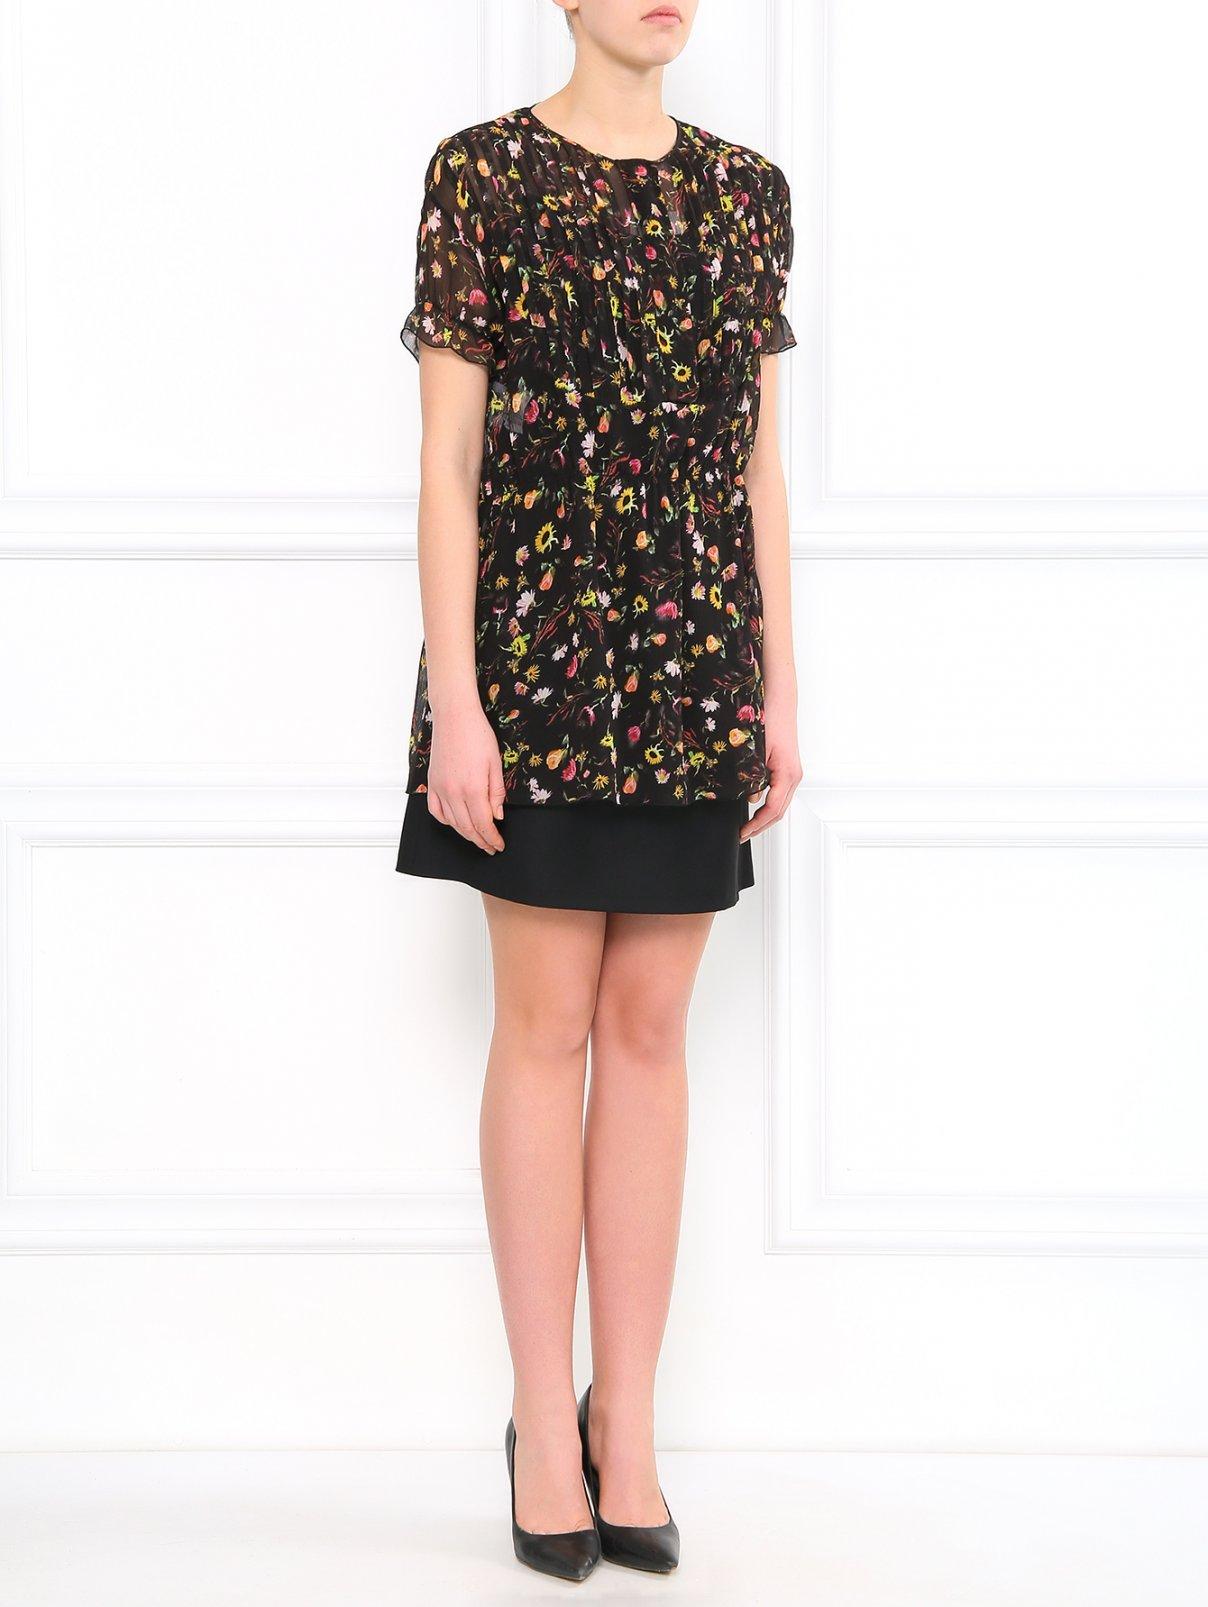 Шелковая блуза с цветочным узором Moschino Cheap&Chic  –  Модель Общий вид  – Цвет:  Узор